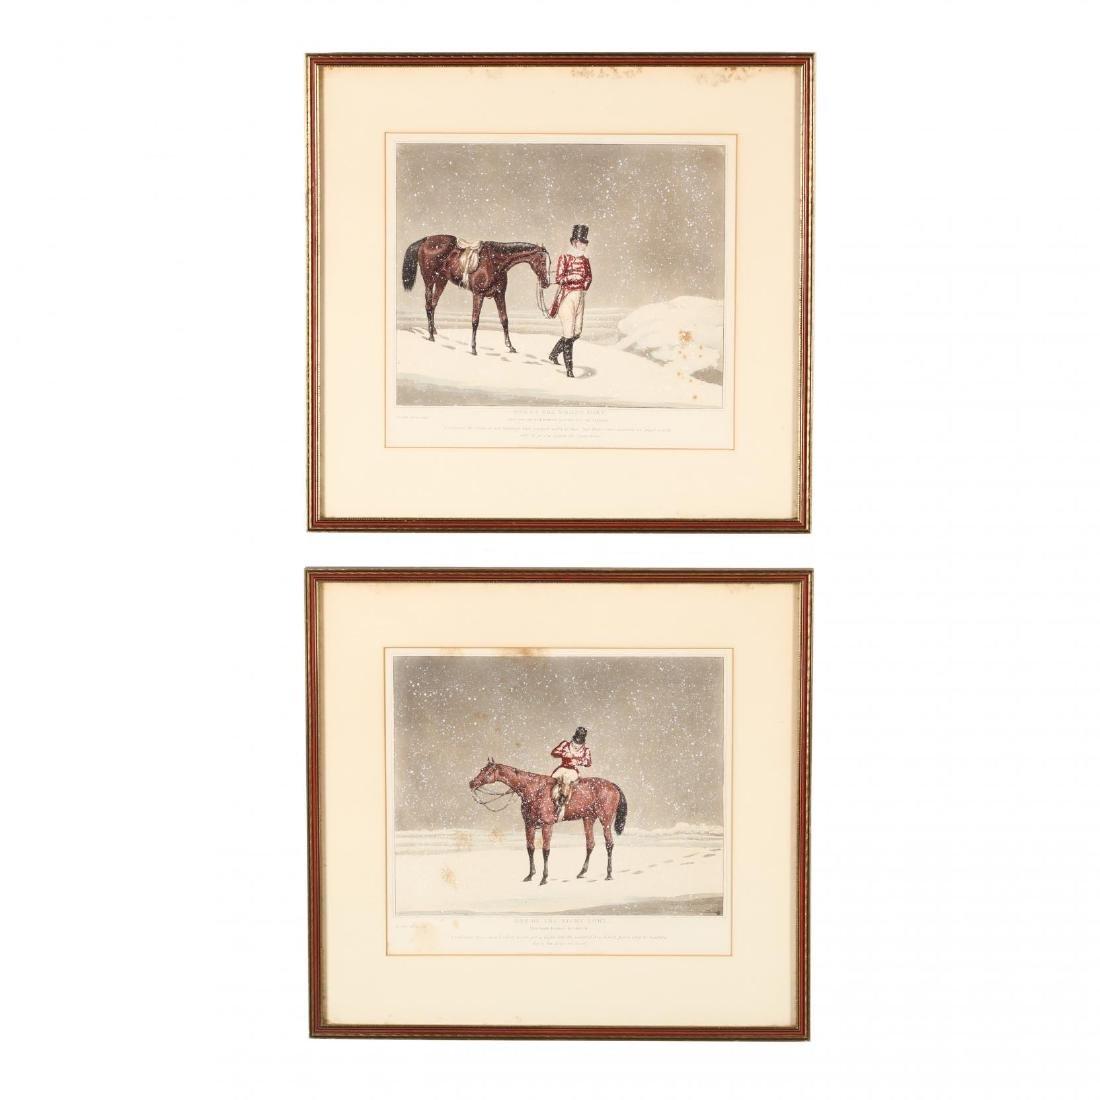 after Henry Alken (British, 1785-1851), Pair of Snowy